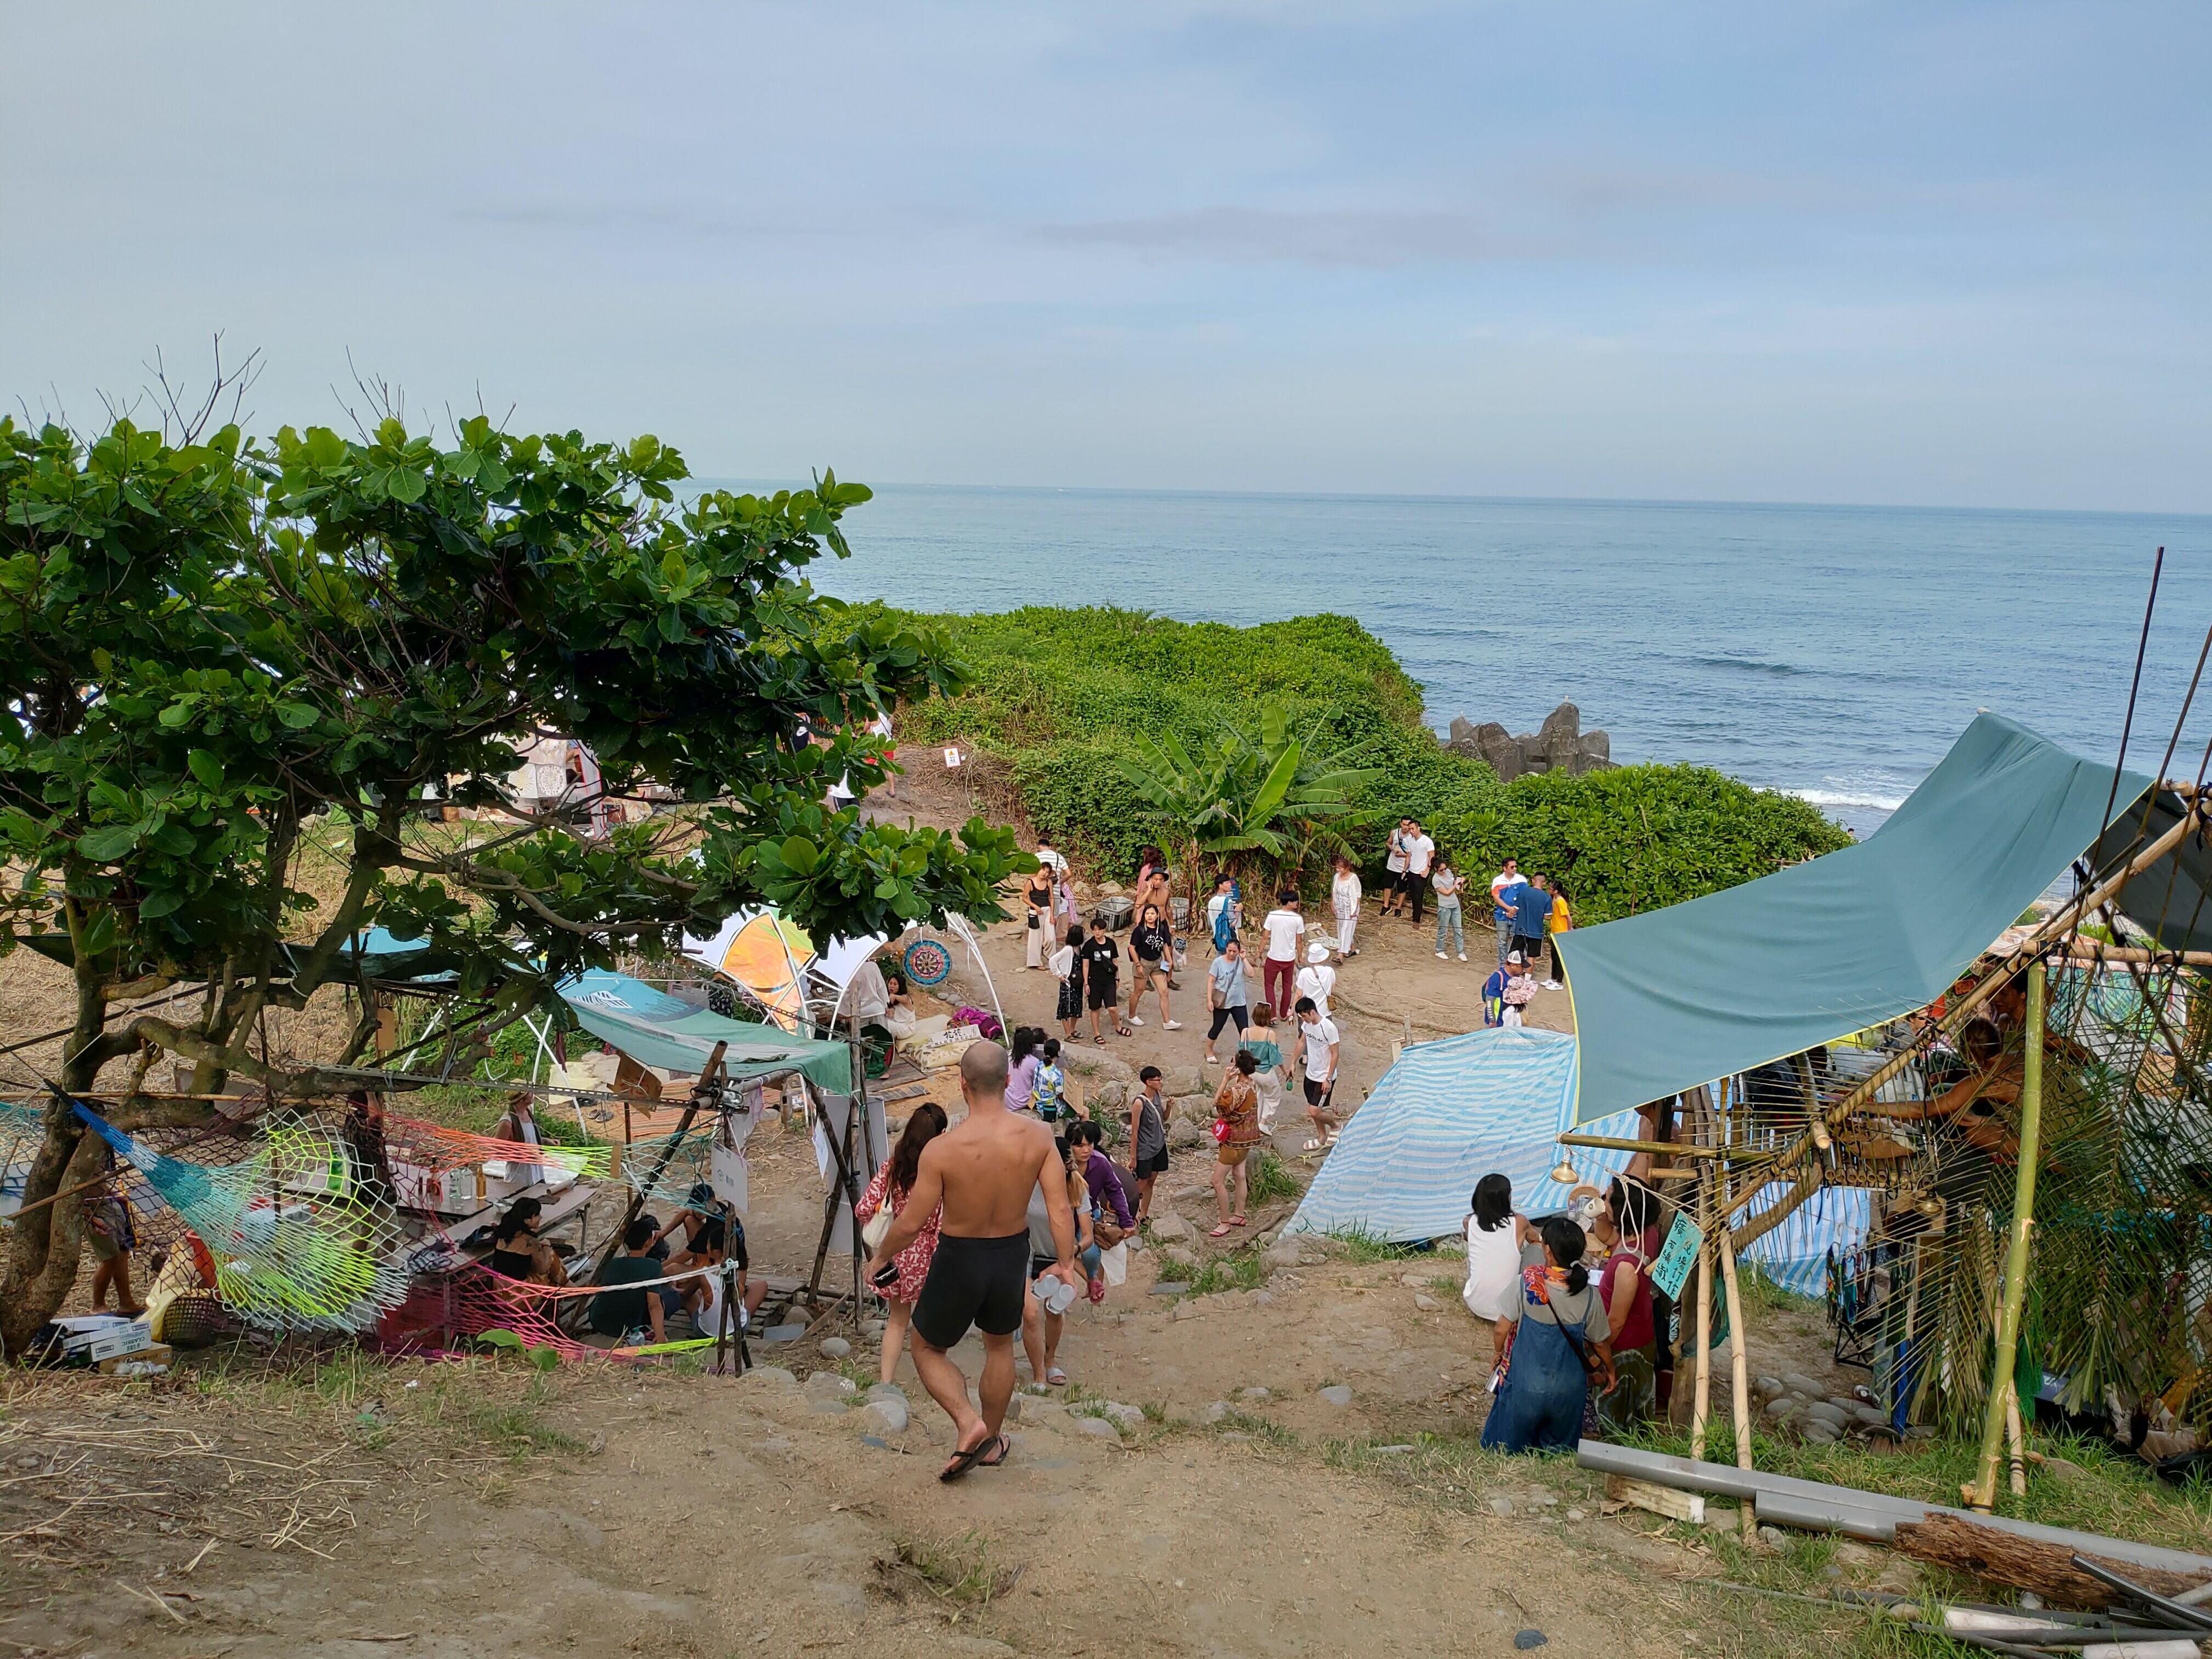 【花蓮壽豐】海或瘋市集   充滿嬉皮風情與自由氣息的獨特偎海市集